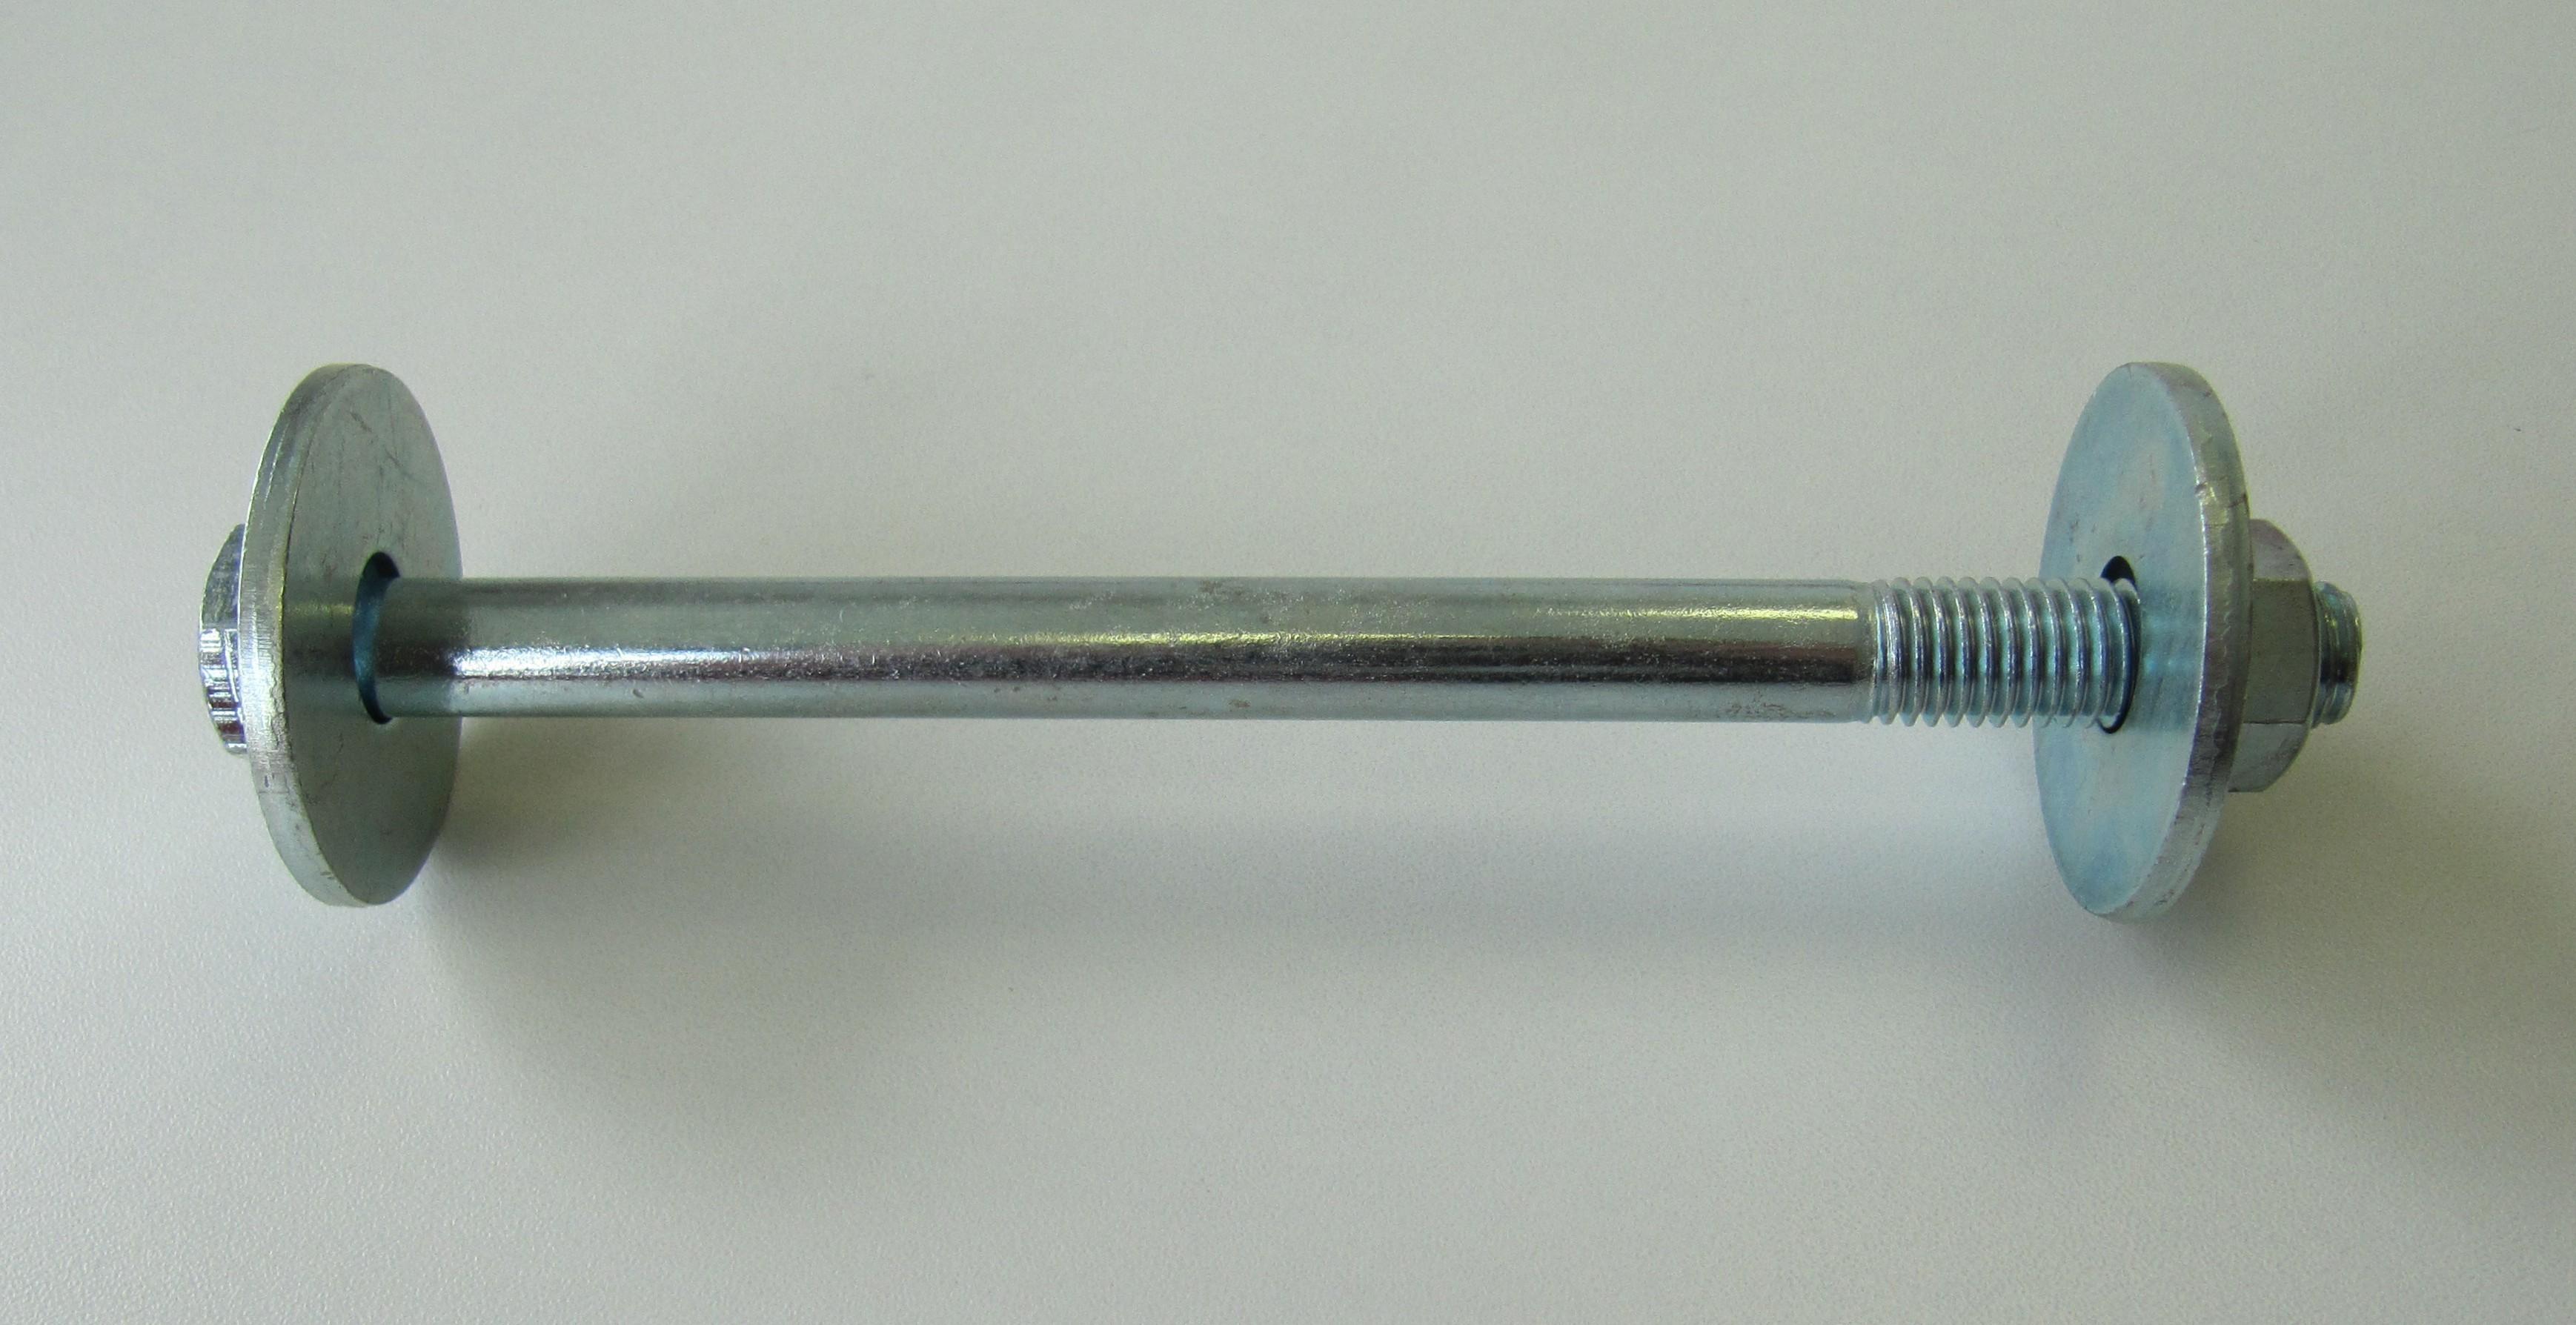 Schrauben Set M12x120 für H-Anker 90x90 mm Bild 1